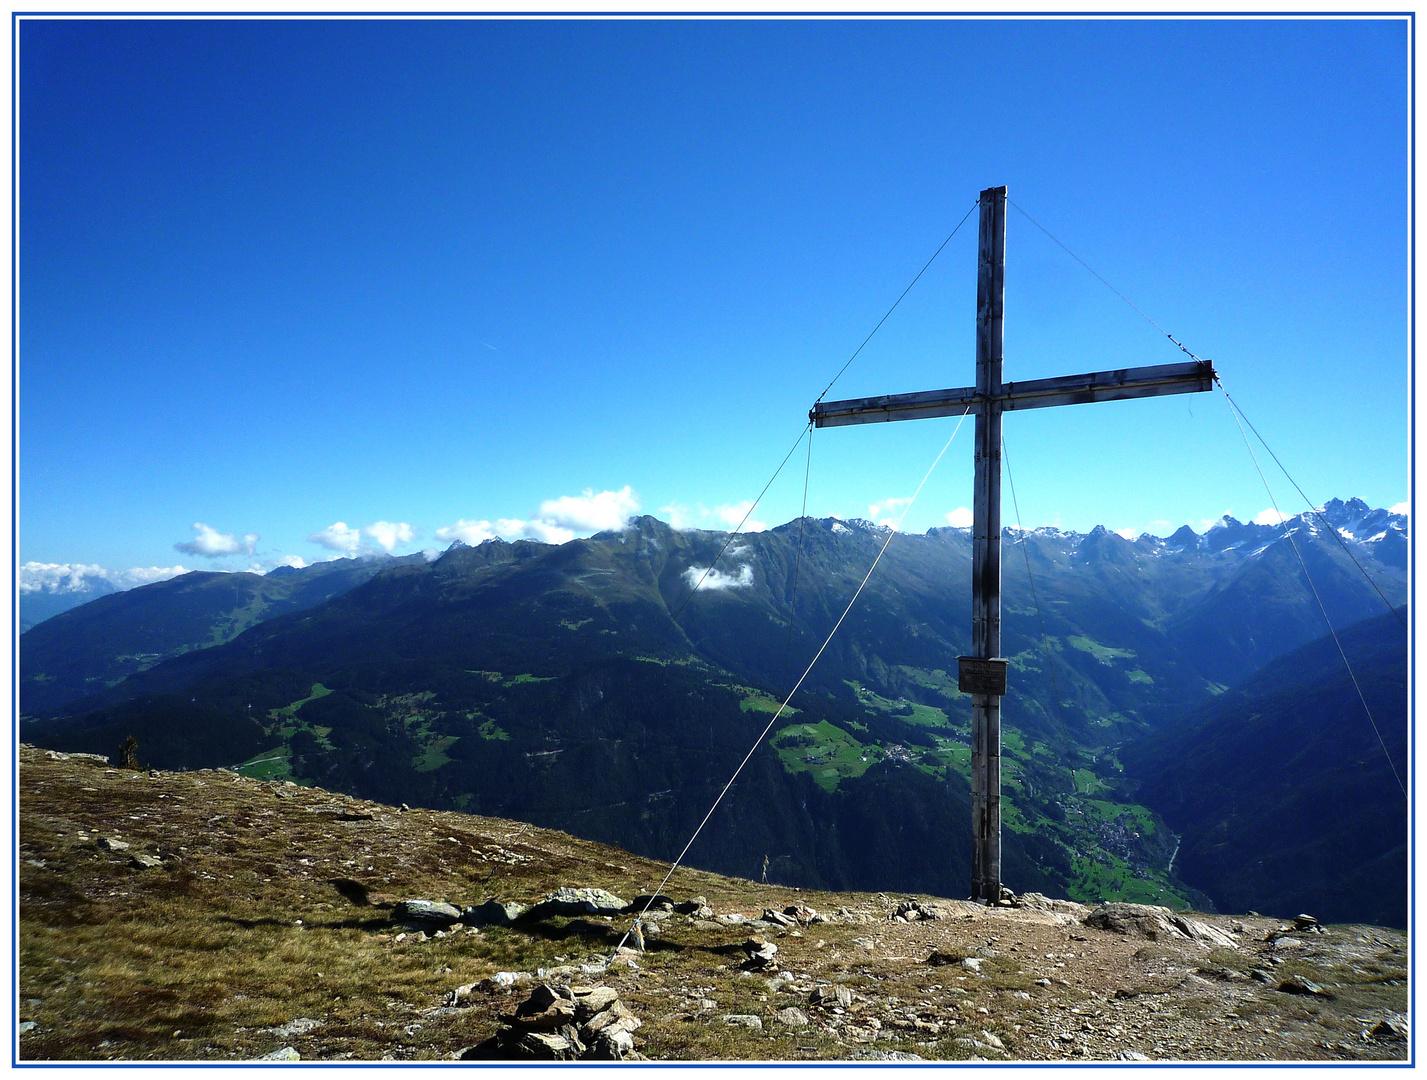 Gipfel Frommeskreuz 2247 m.ü.M